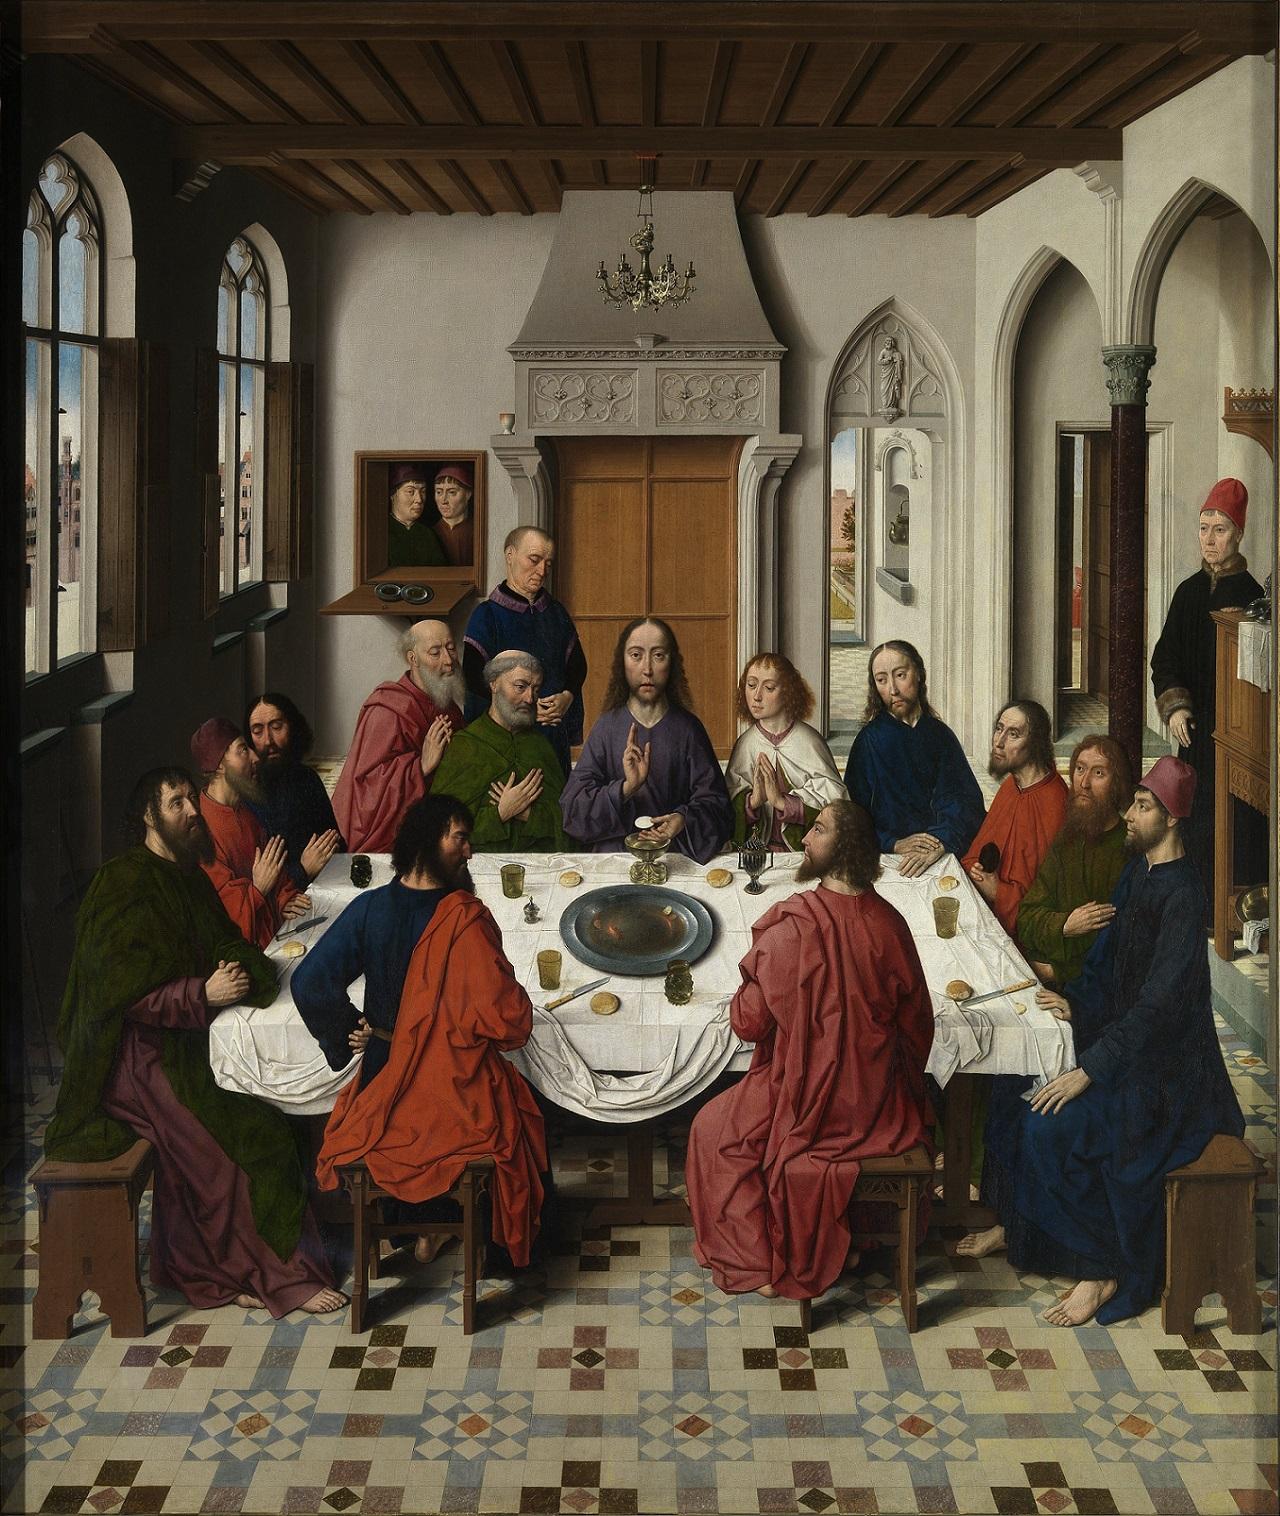 центральная часть триптиха «Тайная вечеря», художник Дирк Баутс, 1465